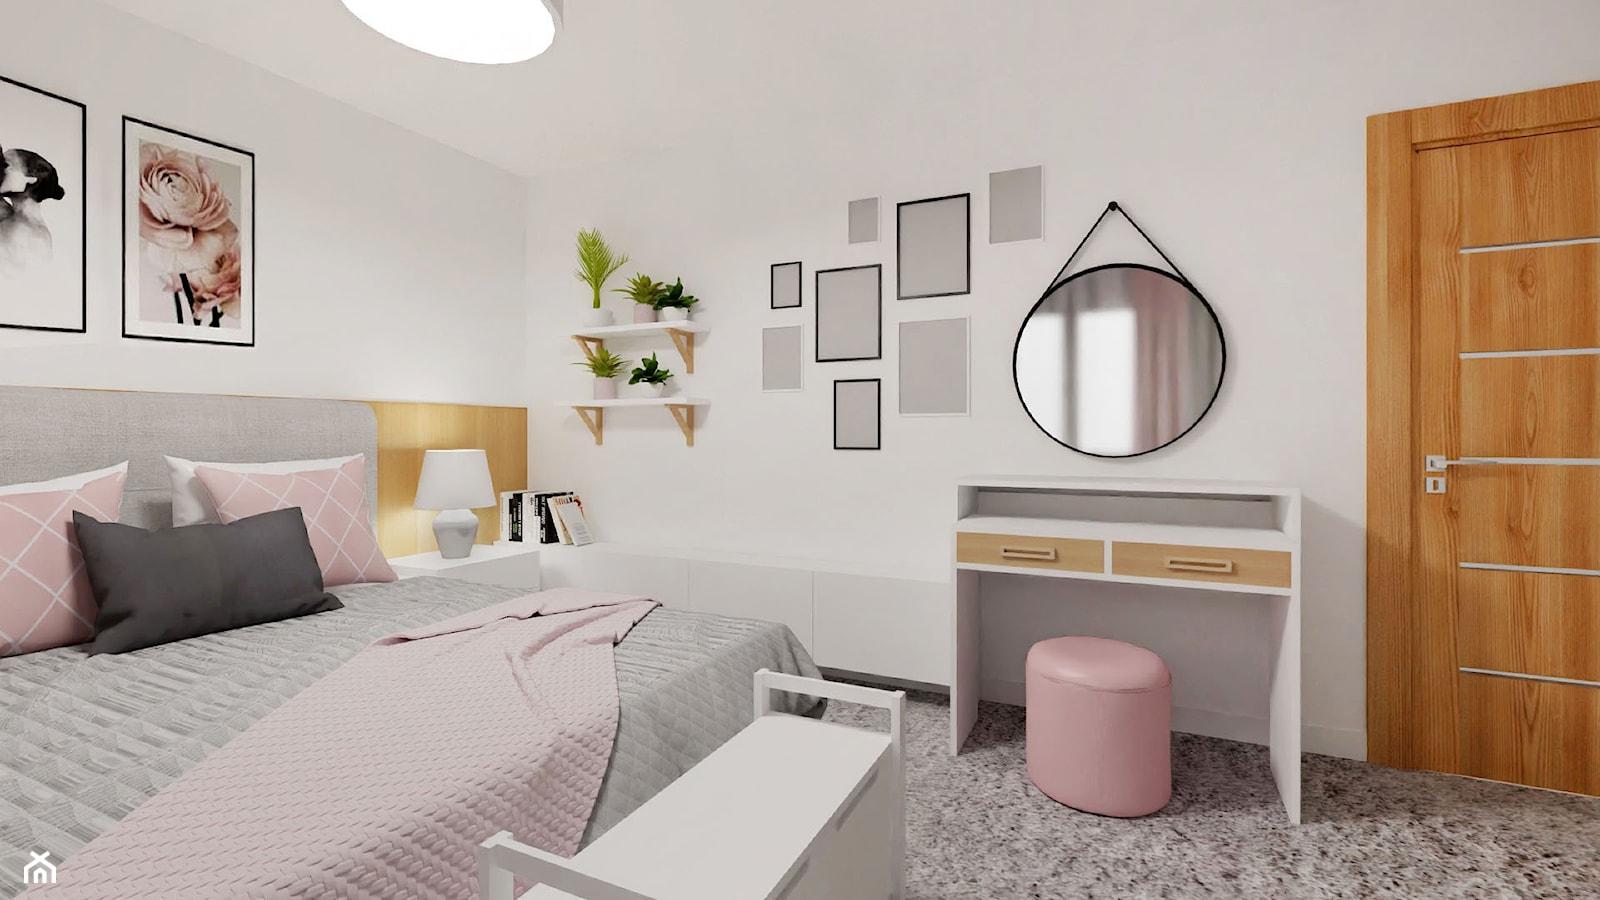 SŁODKICH SNÓW - Sypialnia, styl nowoczesny - zdjęcie od archistacja pl - Homebook